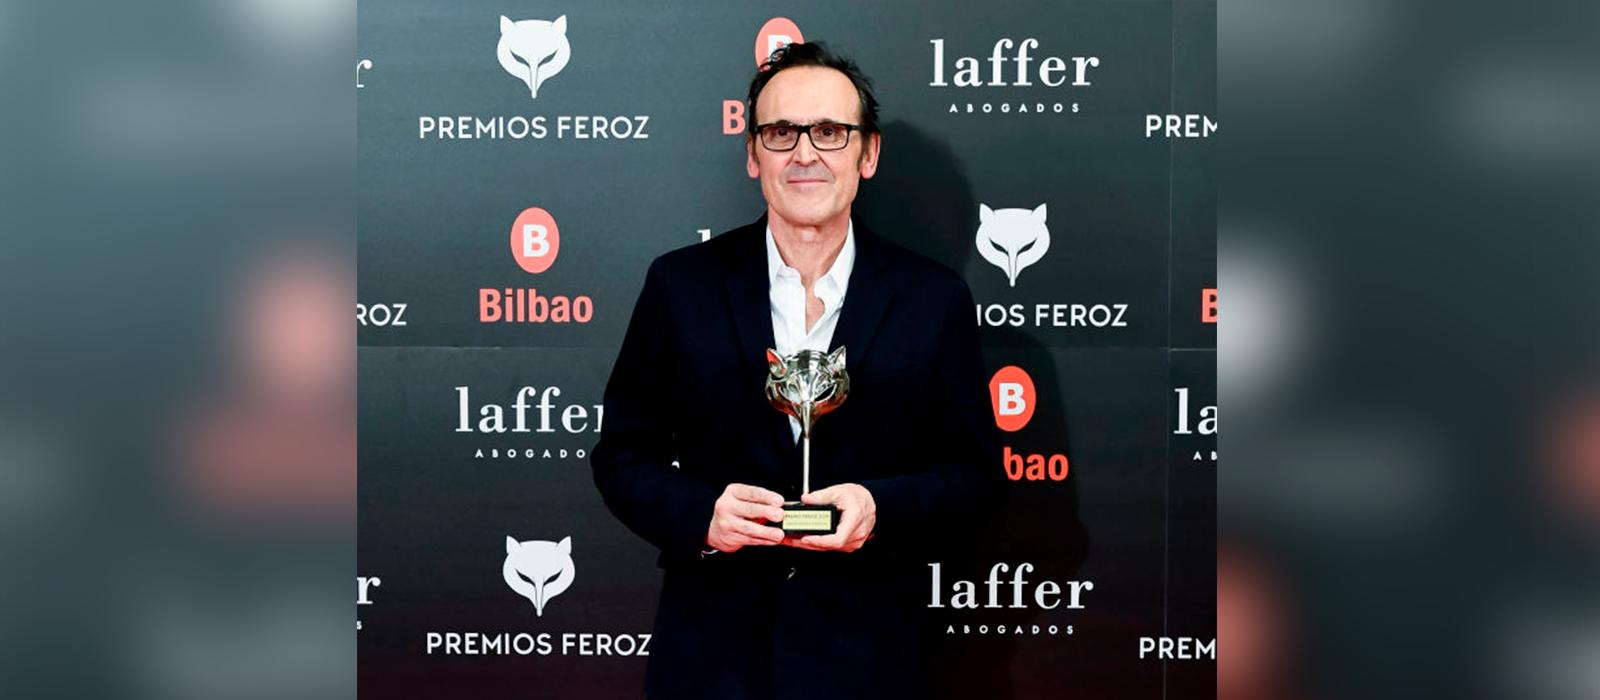 Alberto Iglesias gana el Premio Feroz por la música original de 'Quién te cantará'